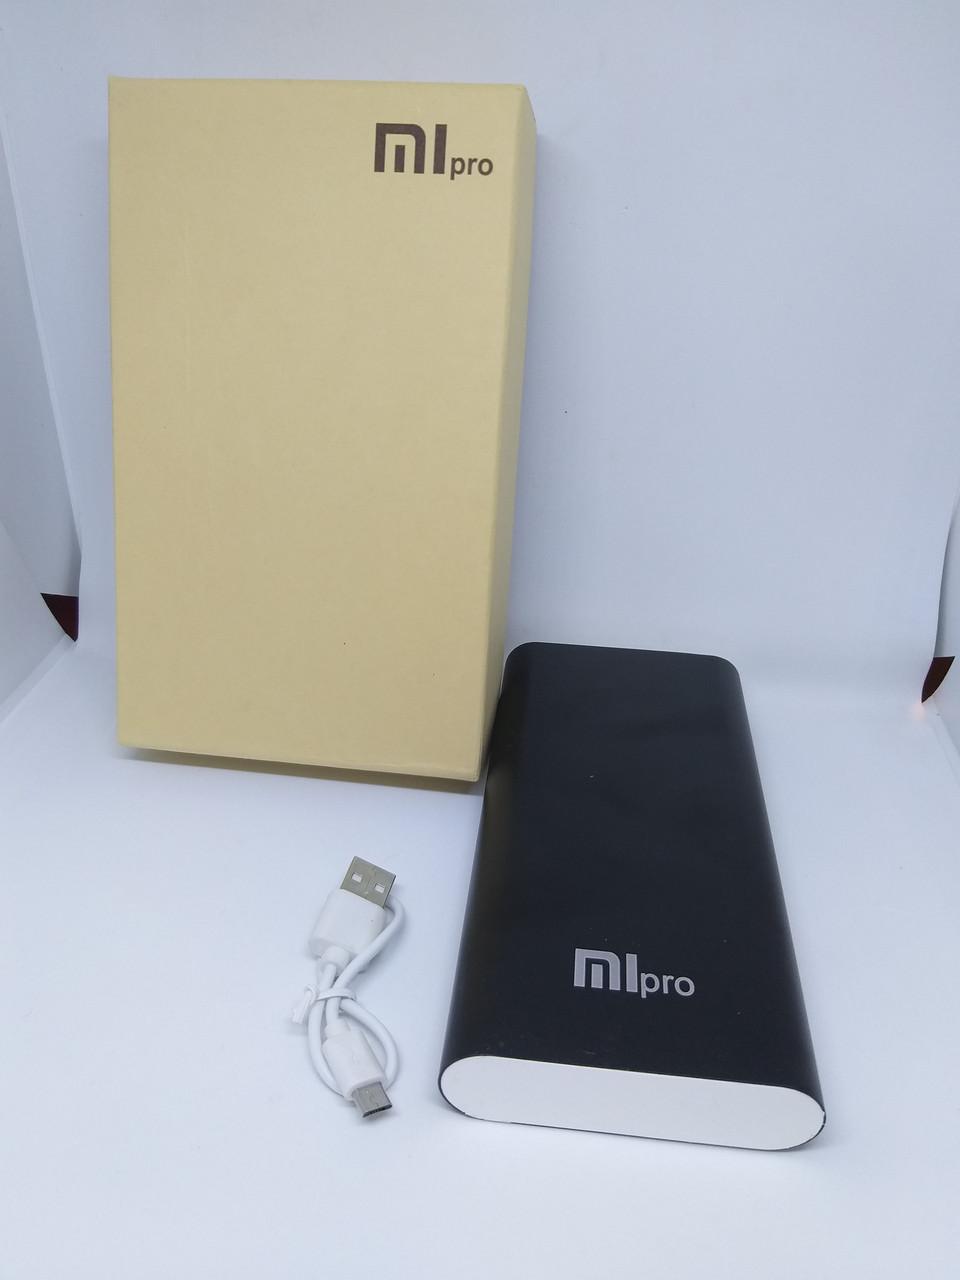 Xiaomi MIpro 20800 Реплика (9600mA Реальная емкость аккумуляторов)